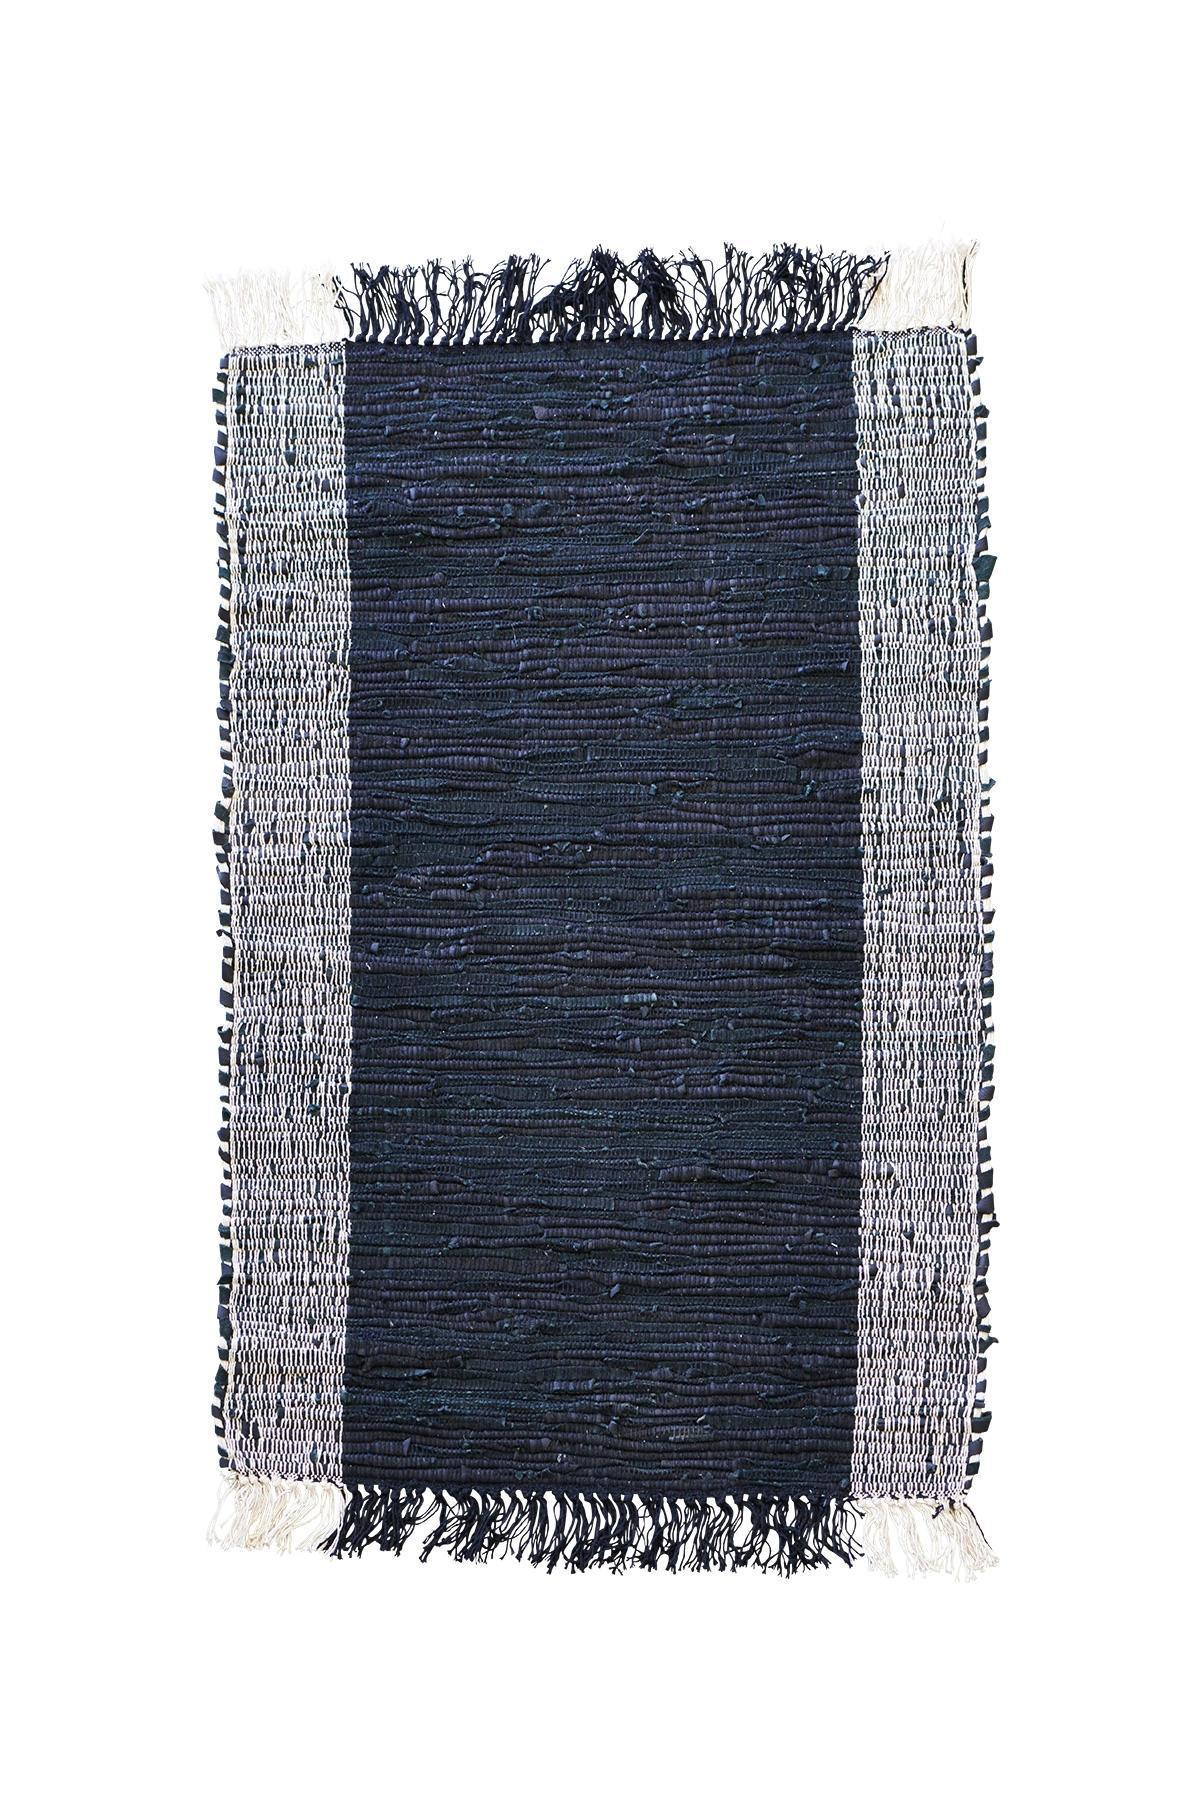 House Doctor Kožený kobereček s bavlnou Cindi 60x90, černá barva, krémová barva, textil, kůže Krémová